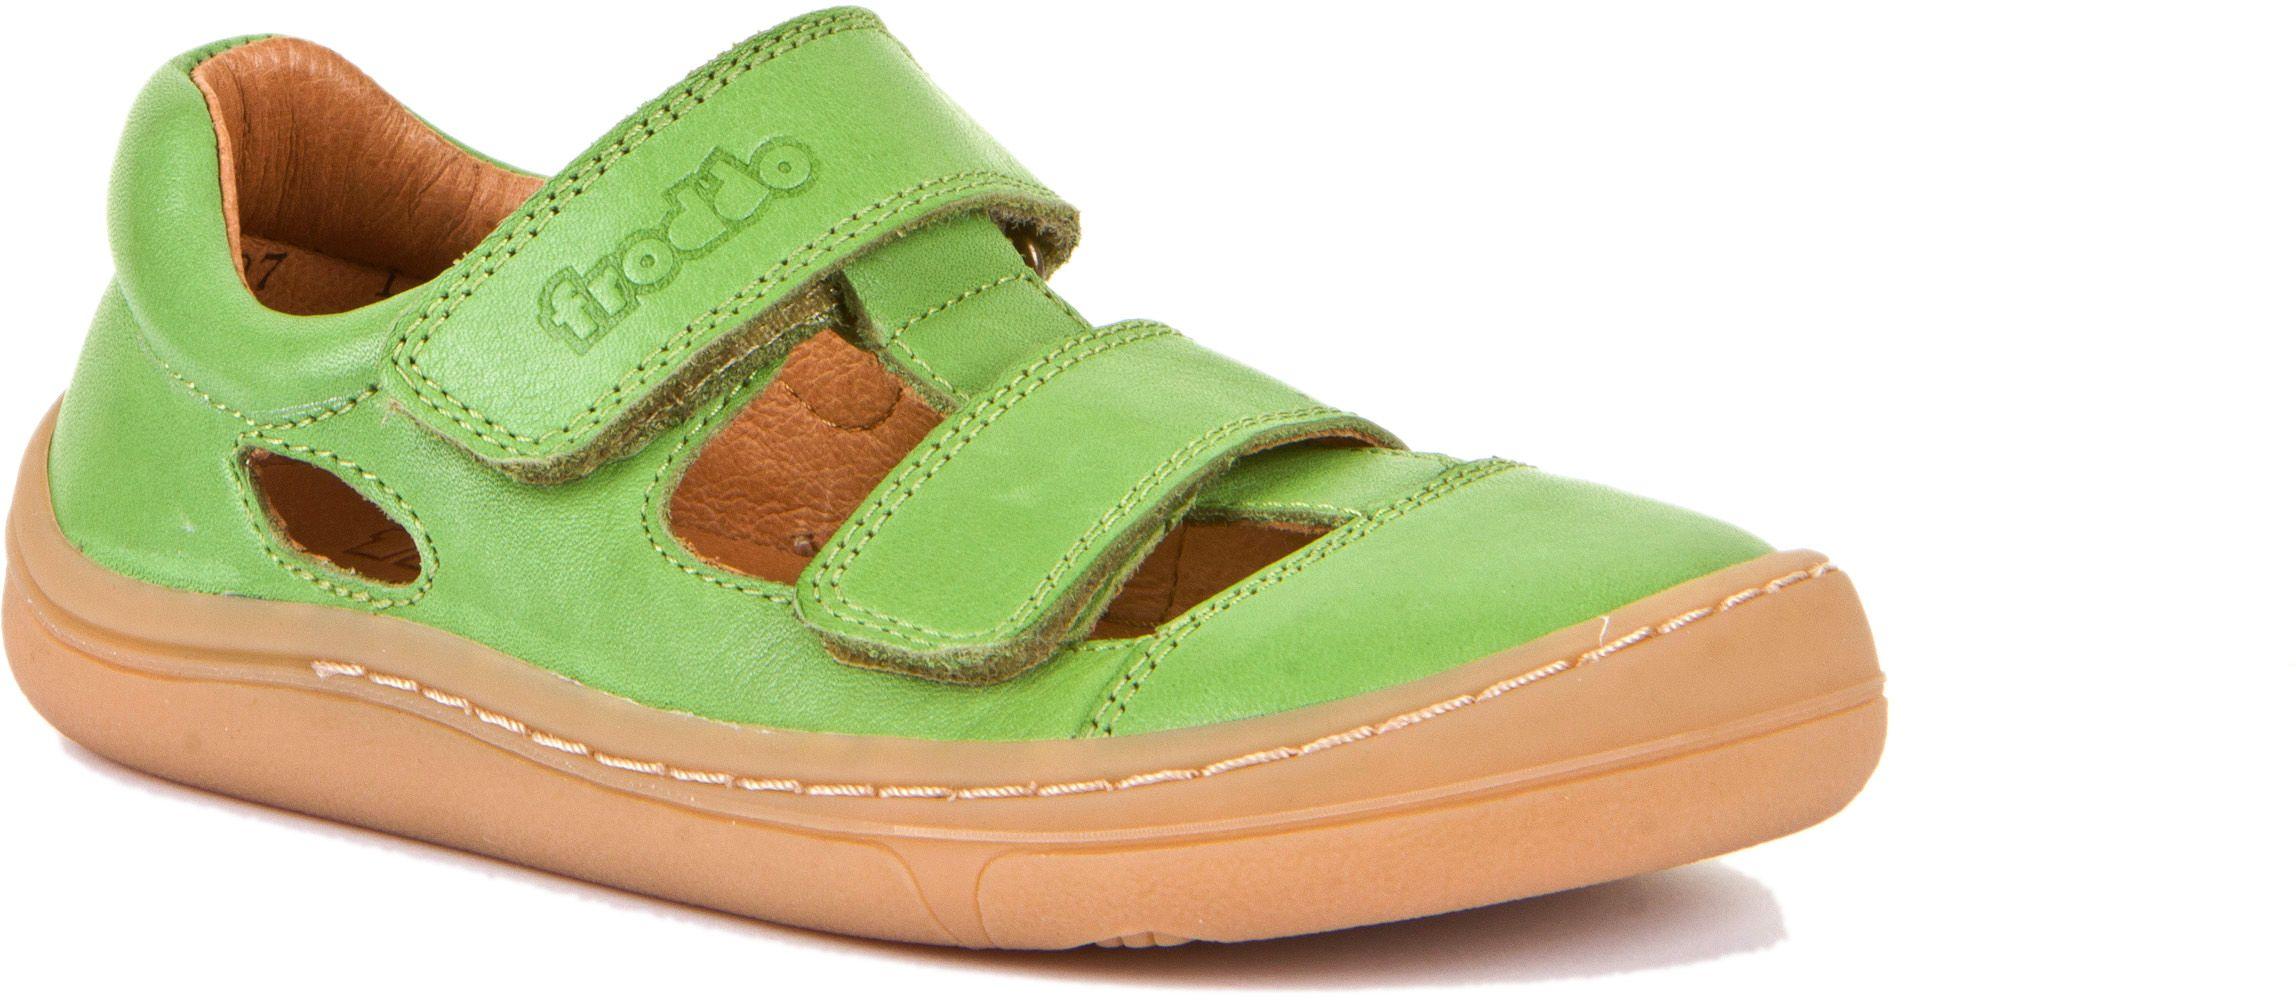 Froddo Barfuß Sandale Doppelklett Olive